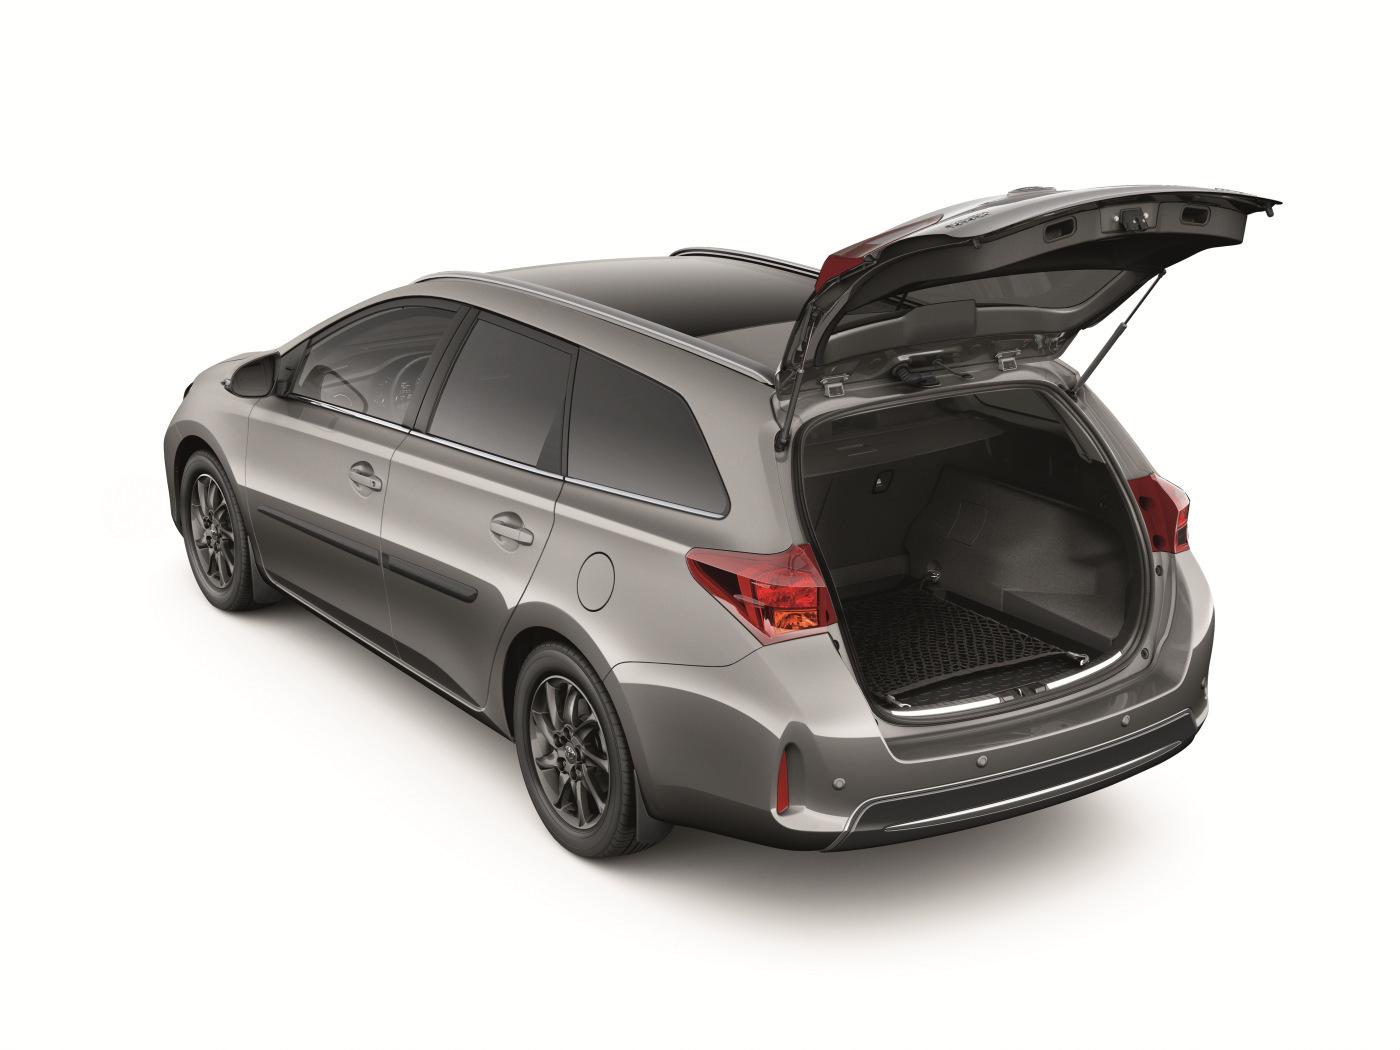 Toyota añade a la gama del Auris Touring Sports una completa línea de accesorios